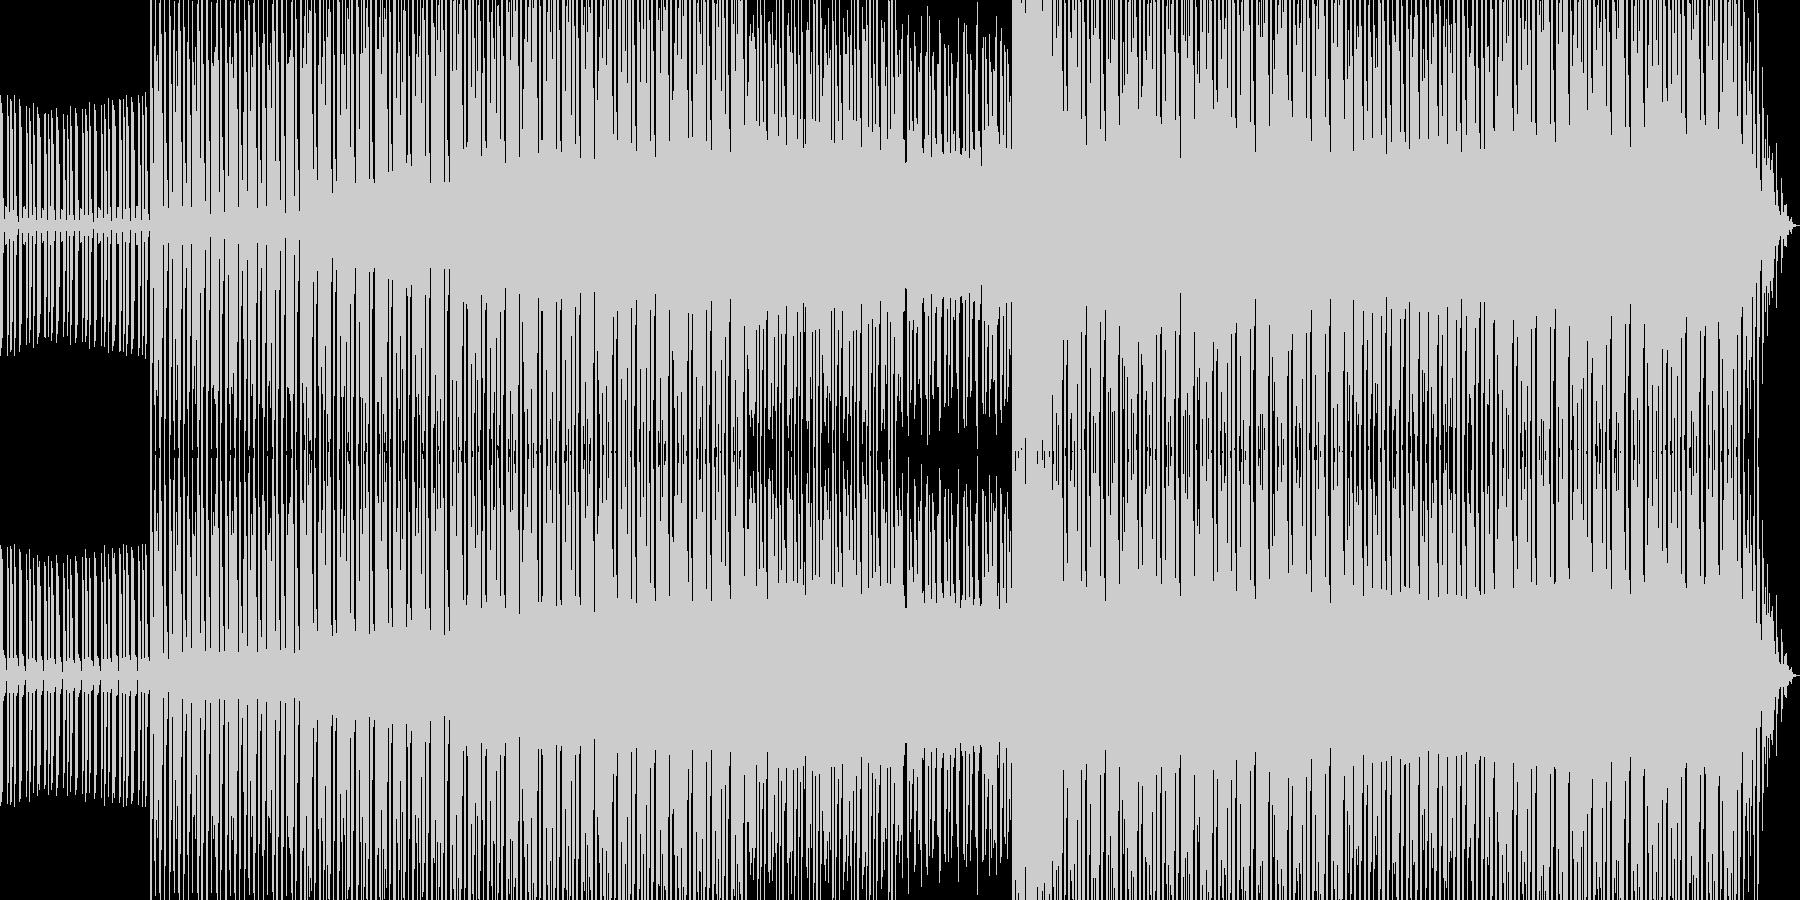 アシッドハウスミュージックその2の未再生の波形